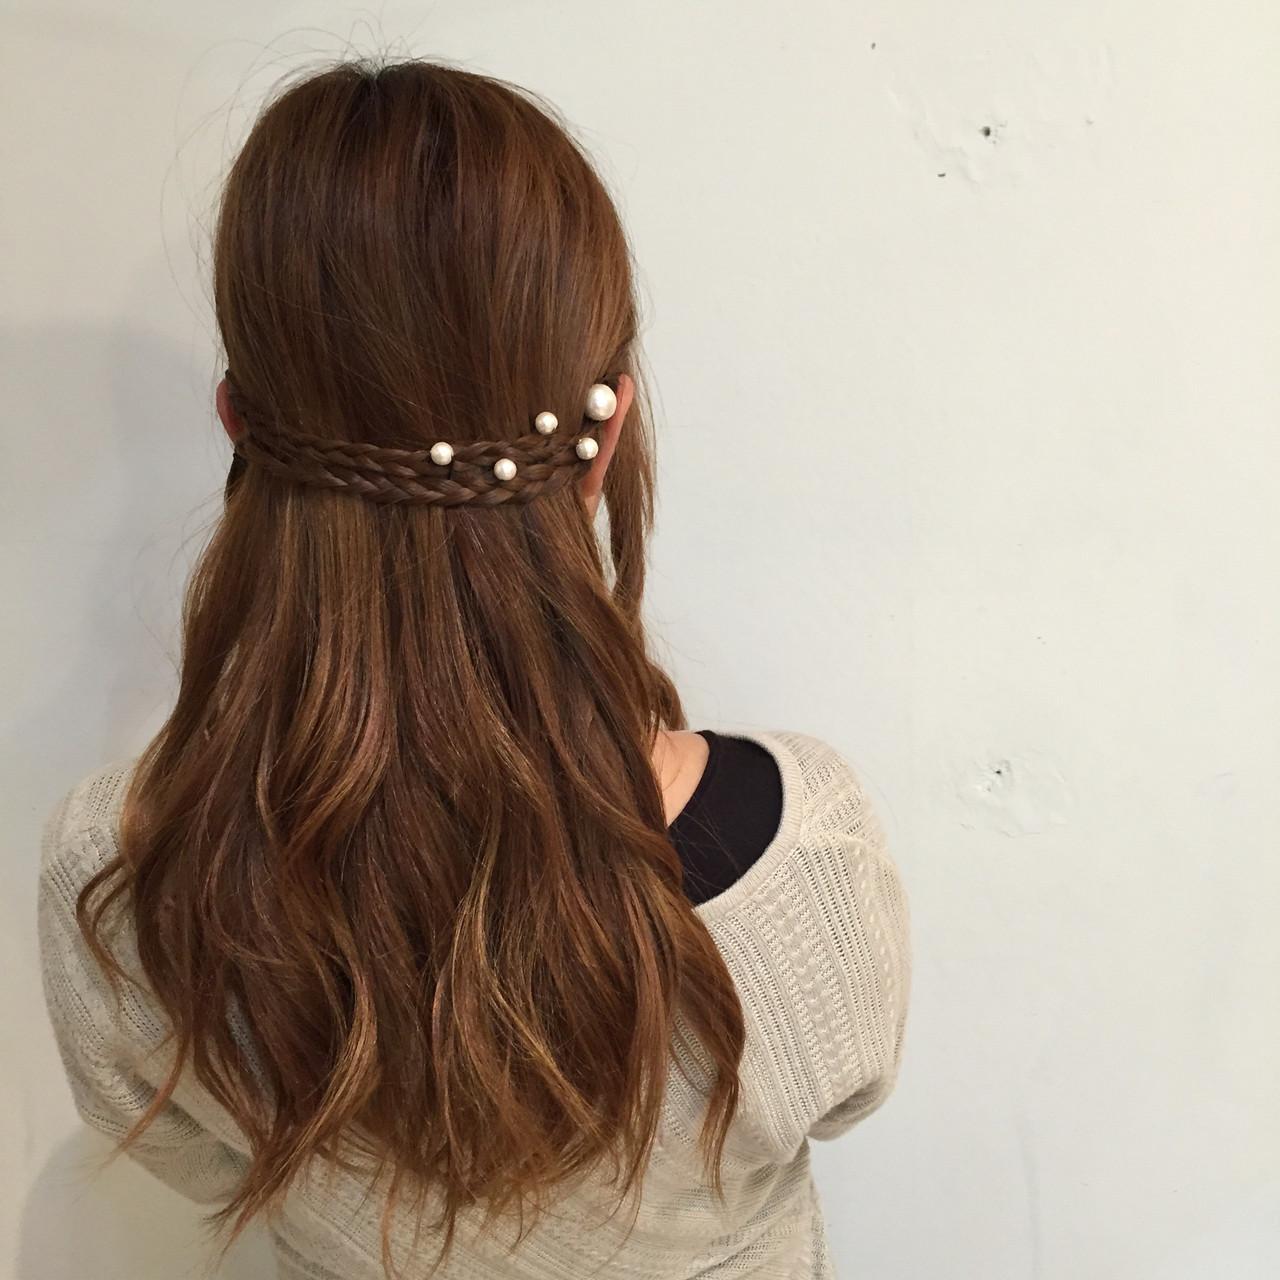 ハーフアップ ヘアセット フェミニン ヘアアレンジ ヘアスタイルや髪型の写真・画像